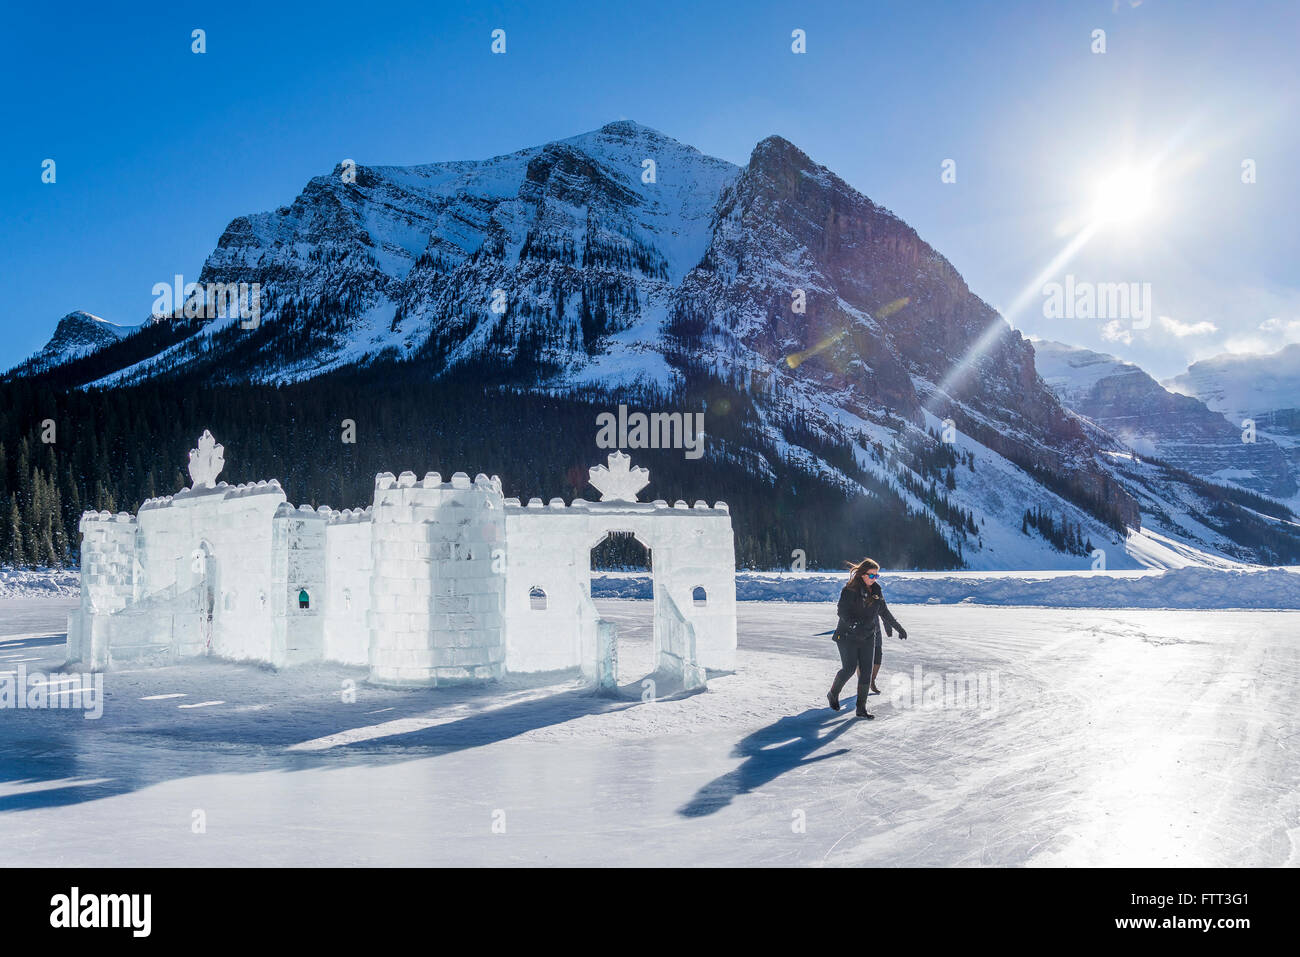 Ice Hotel Ontario